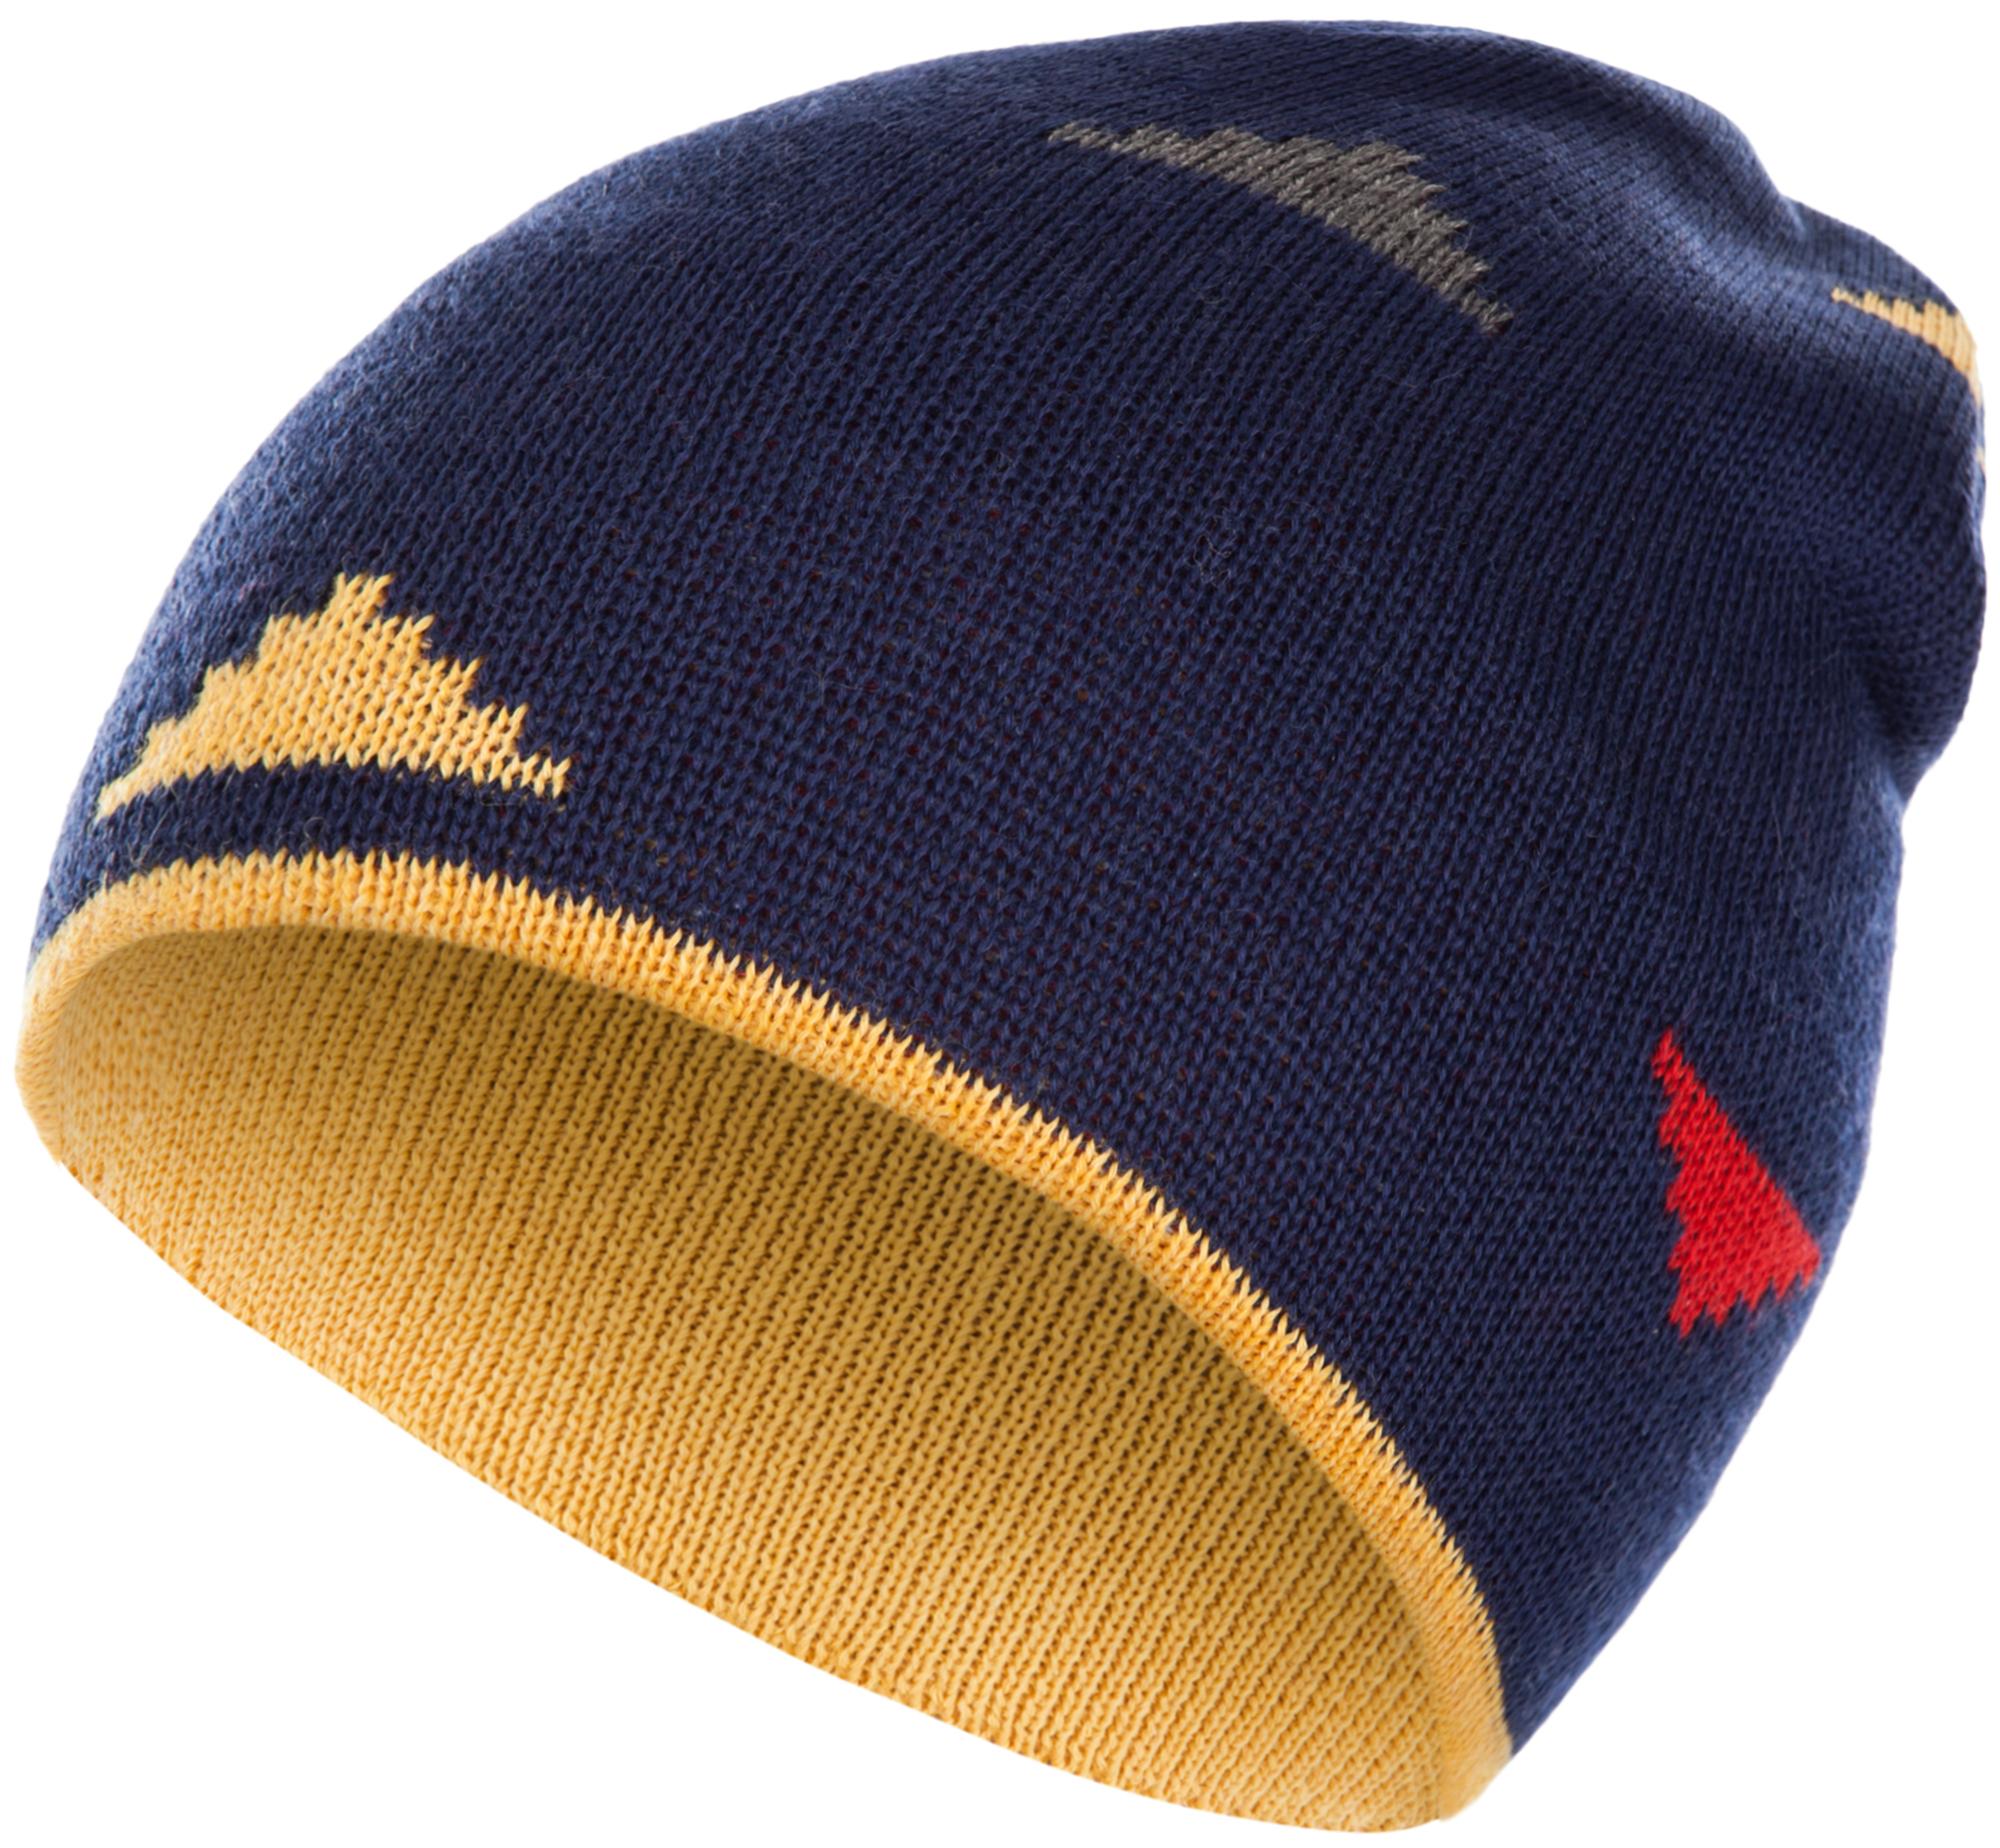 Satila Шапка для мальчиков Satila Roldy шапка вязаная для девочек satila surpy